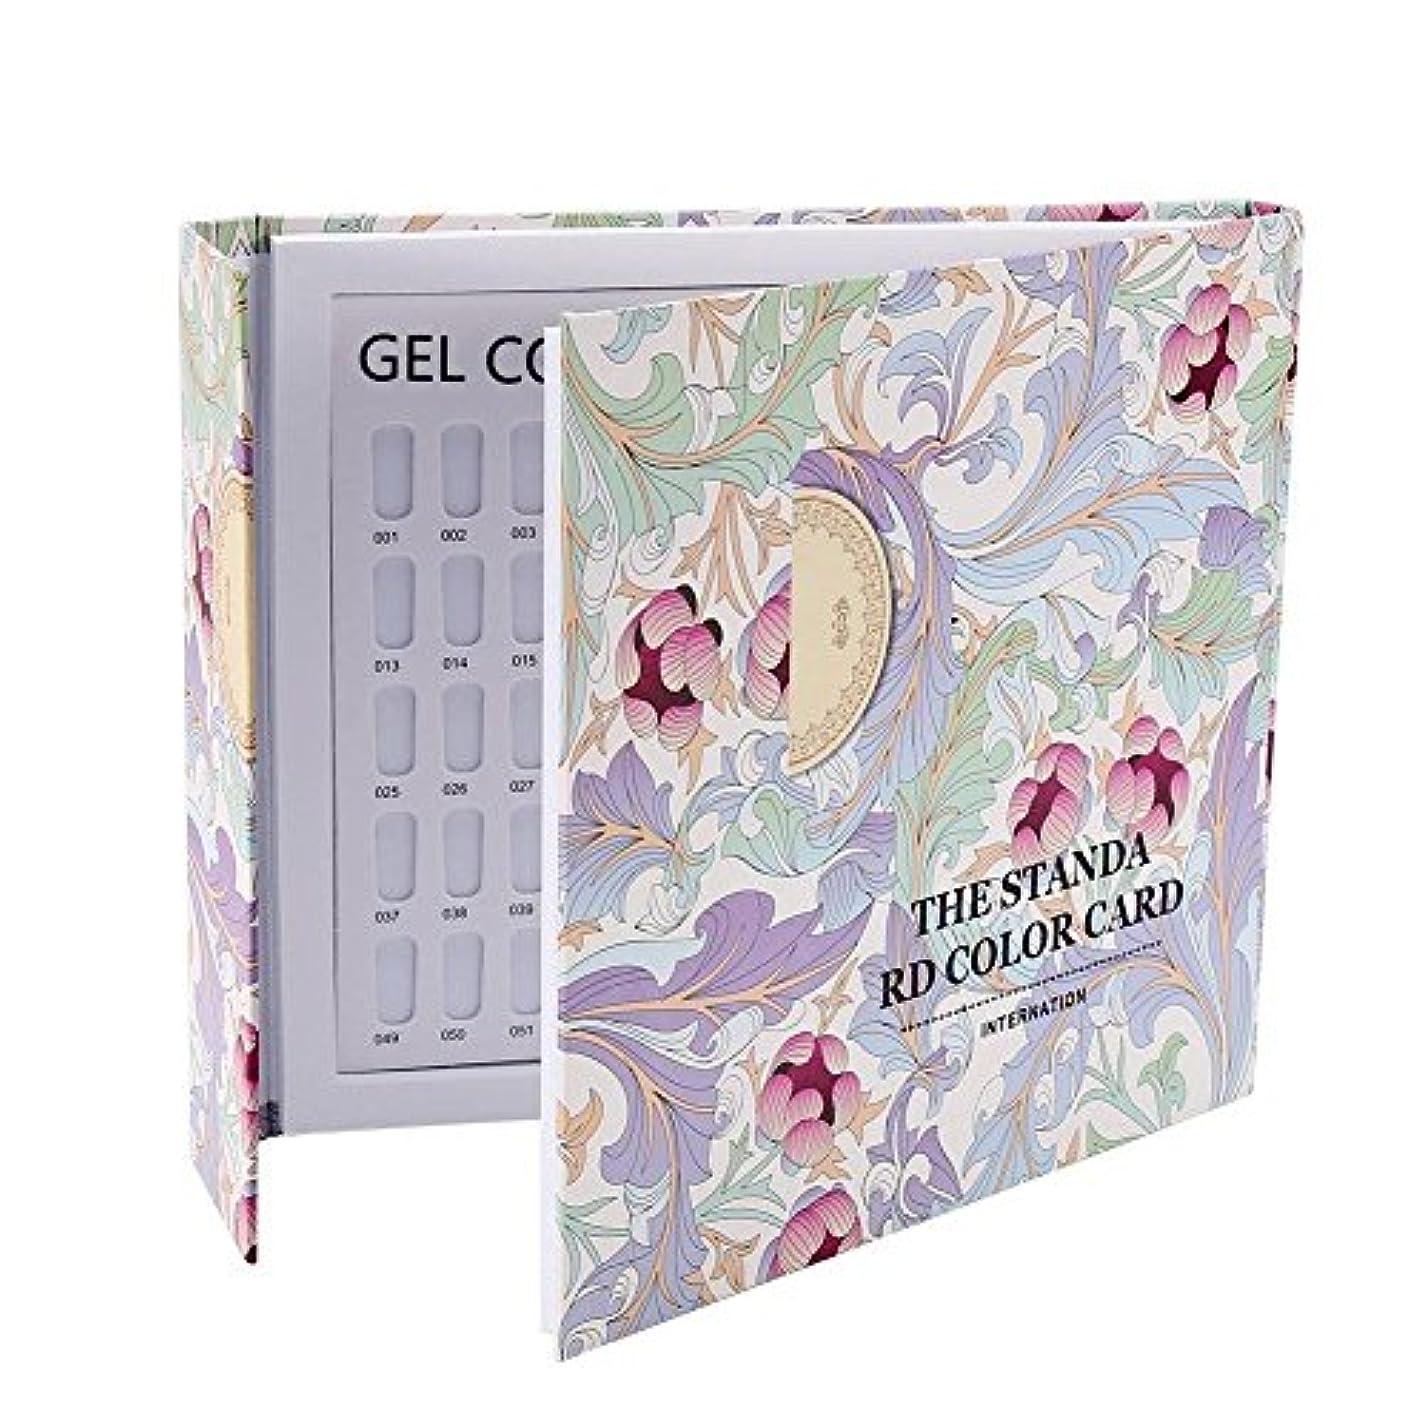 餌葉オペレーターカラーチャート ブック - Delaman ネイル 色見本、ブック型 、ジェルネイル、カラーガイド、サンプル帳、120色 (パターンカバー)